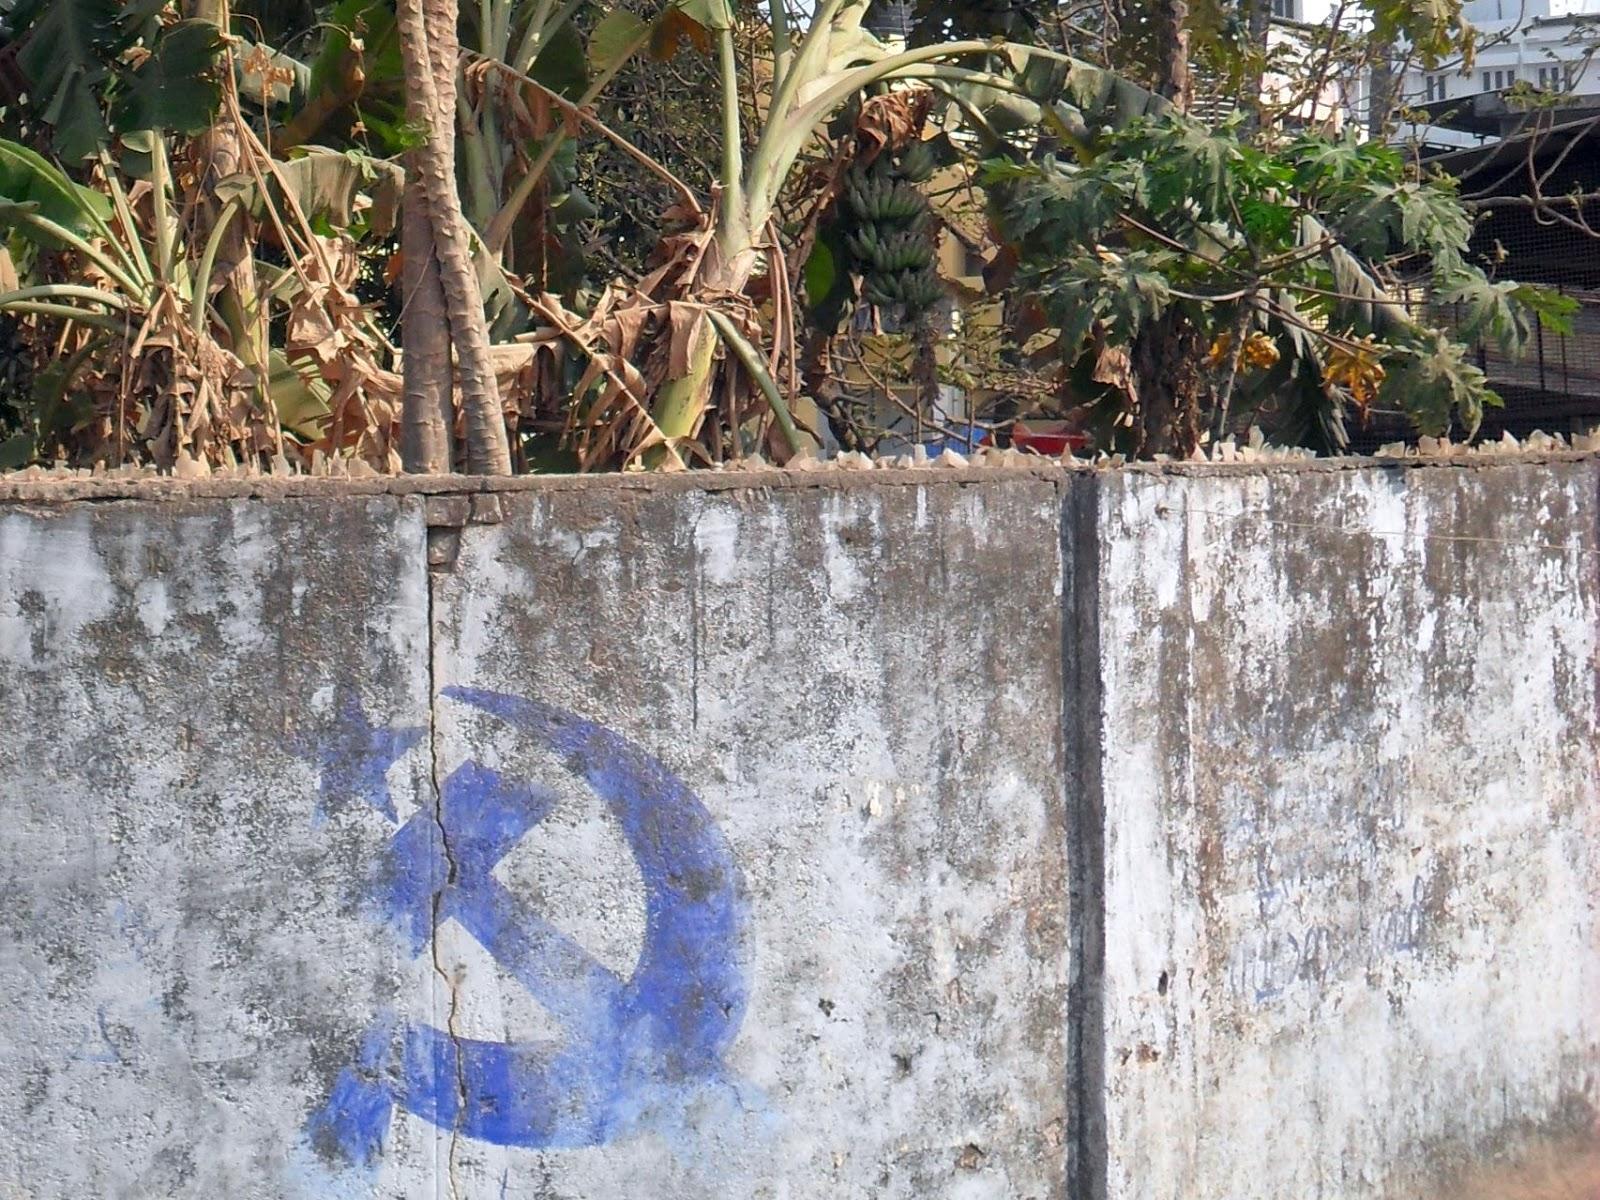 синий серп с молотом на заборе в Индии